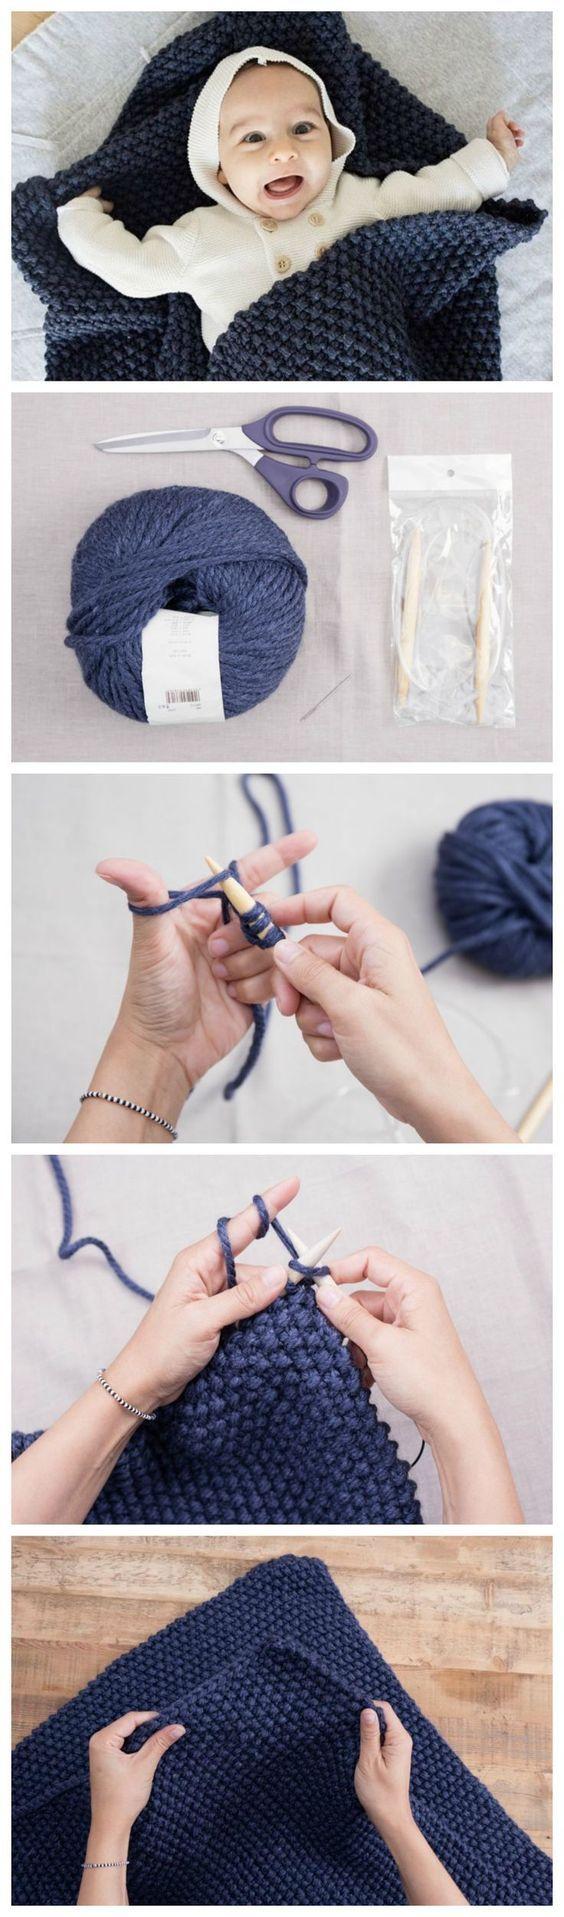 Kits zum Stricken   Etsy DE   Kostenlose strickmuster